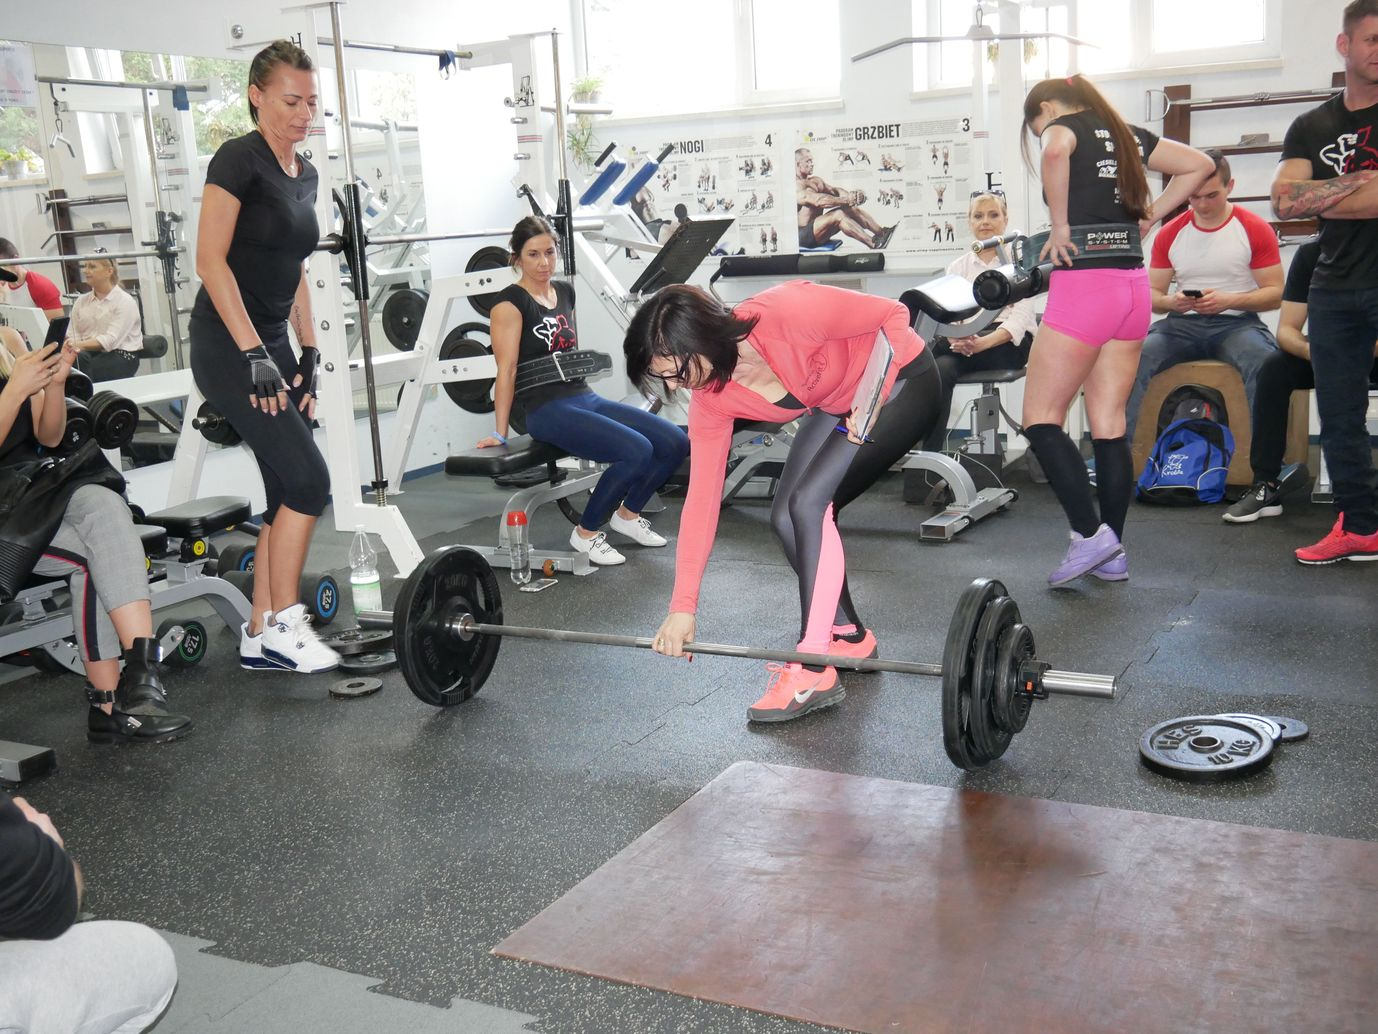 Zawody Martwy Ciąg Pleszew Fitness Klub Active Fit ul. Traugutta 30 siłownia trening personalny 25